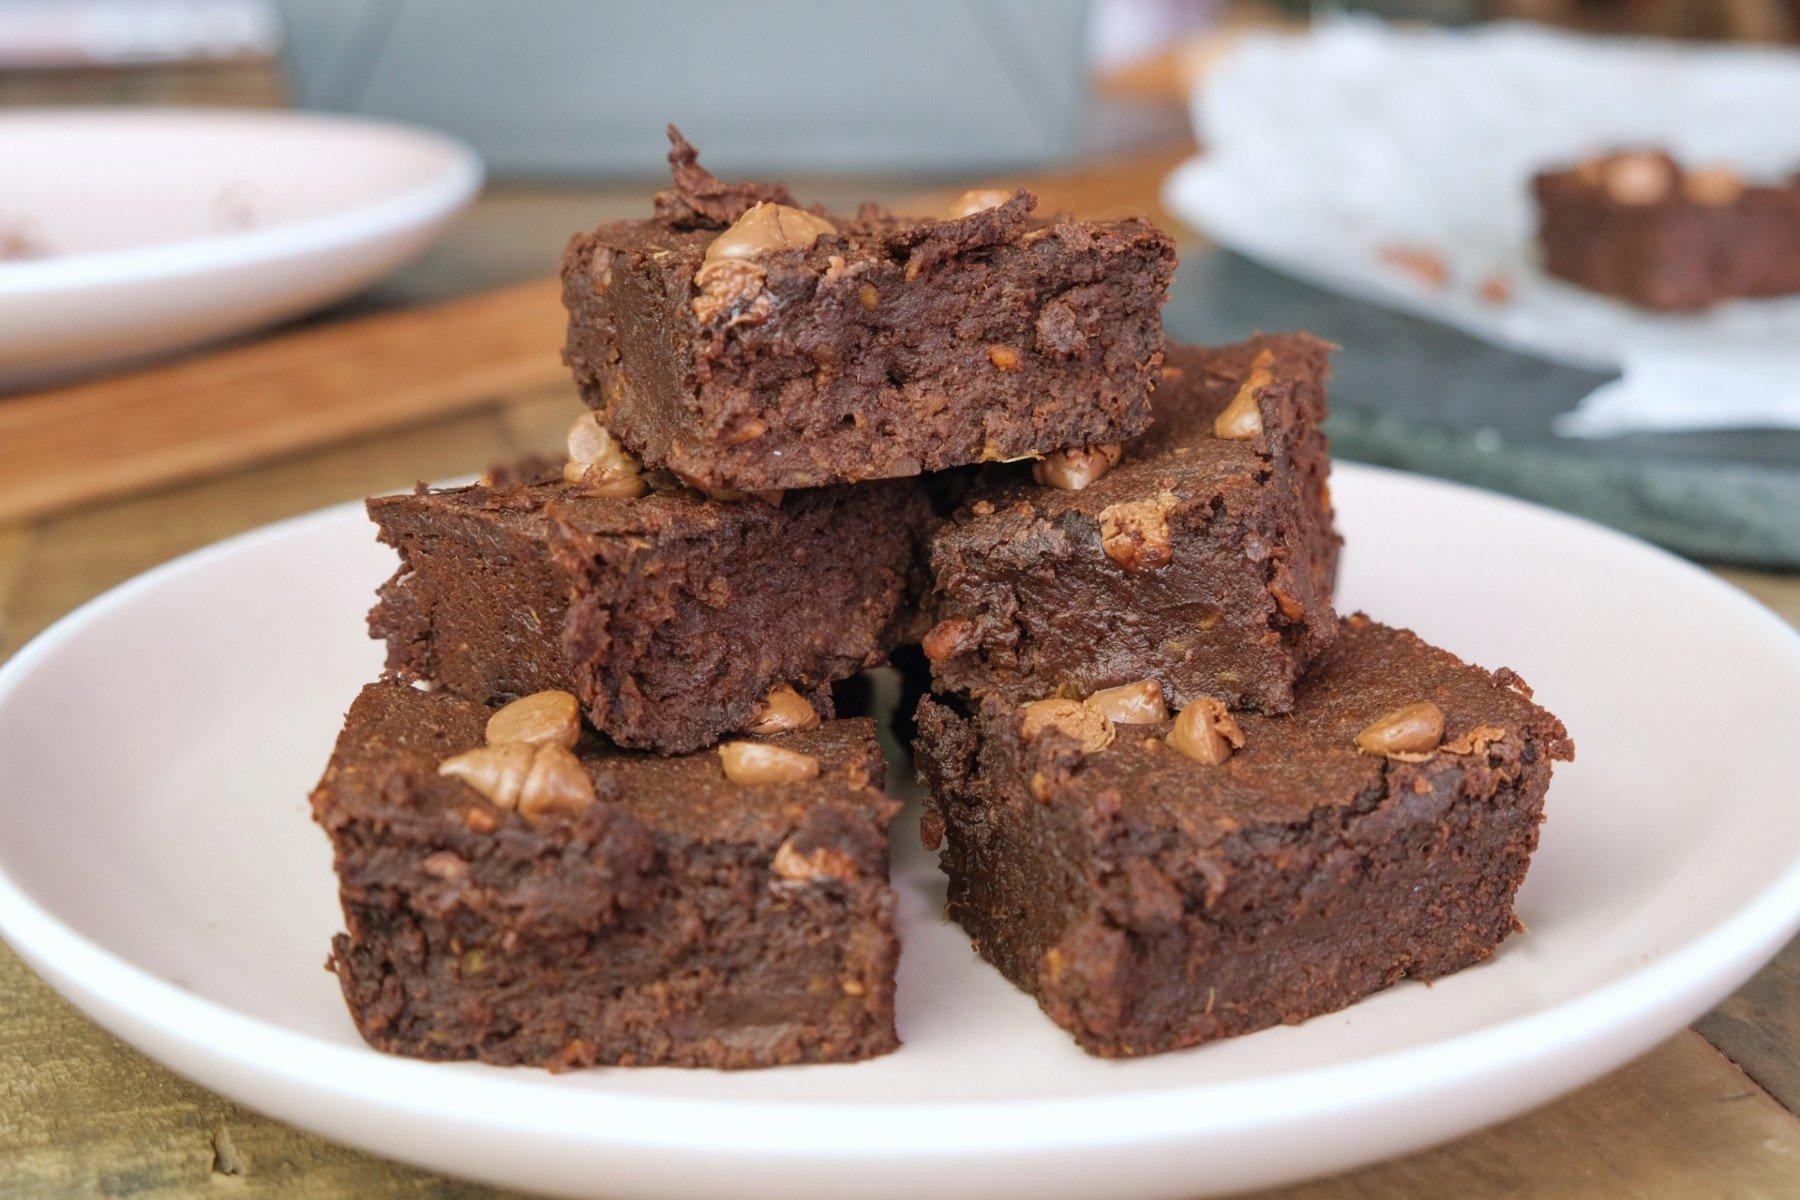 Brownies backen? 10 ungewöhnliche Ei-freie Zusätze, um deine Backwerke zu transformieren